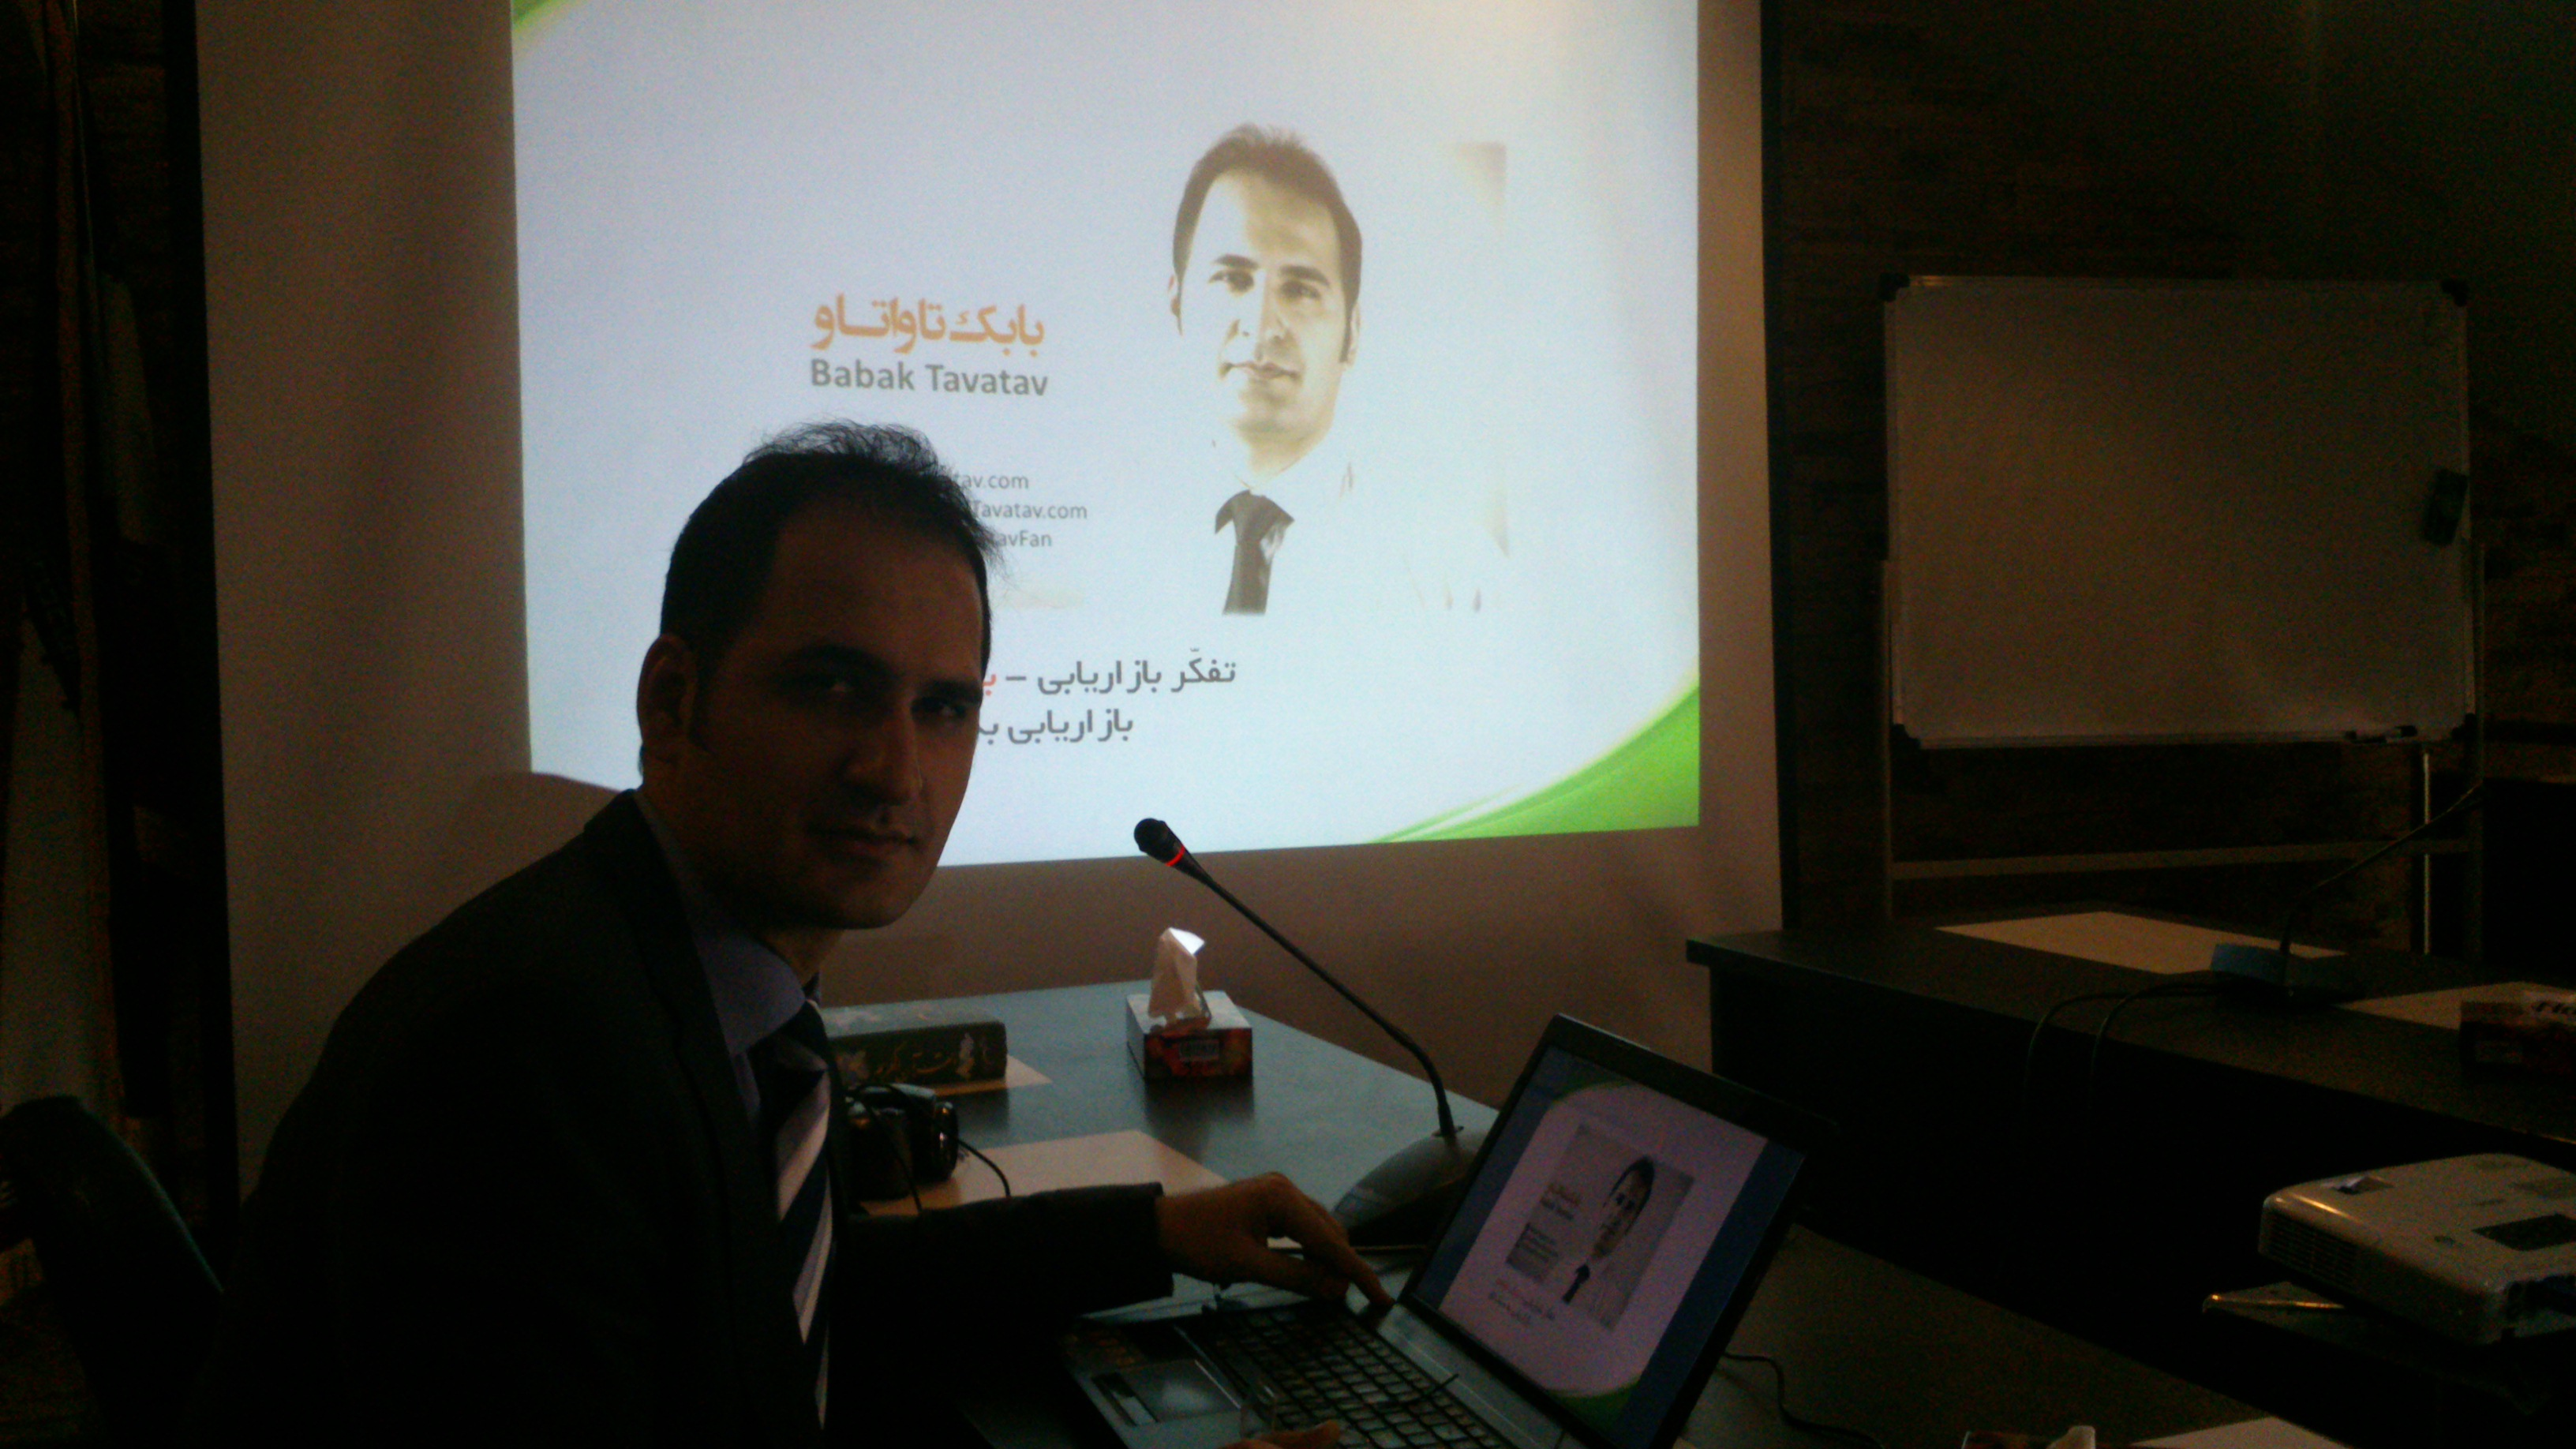 سمینار بزرگان و بازاریابی و فروش ایران با سخنرانی بابک تاواتاو و دیگر بزرگان به موفقیت به پایان رسید.